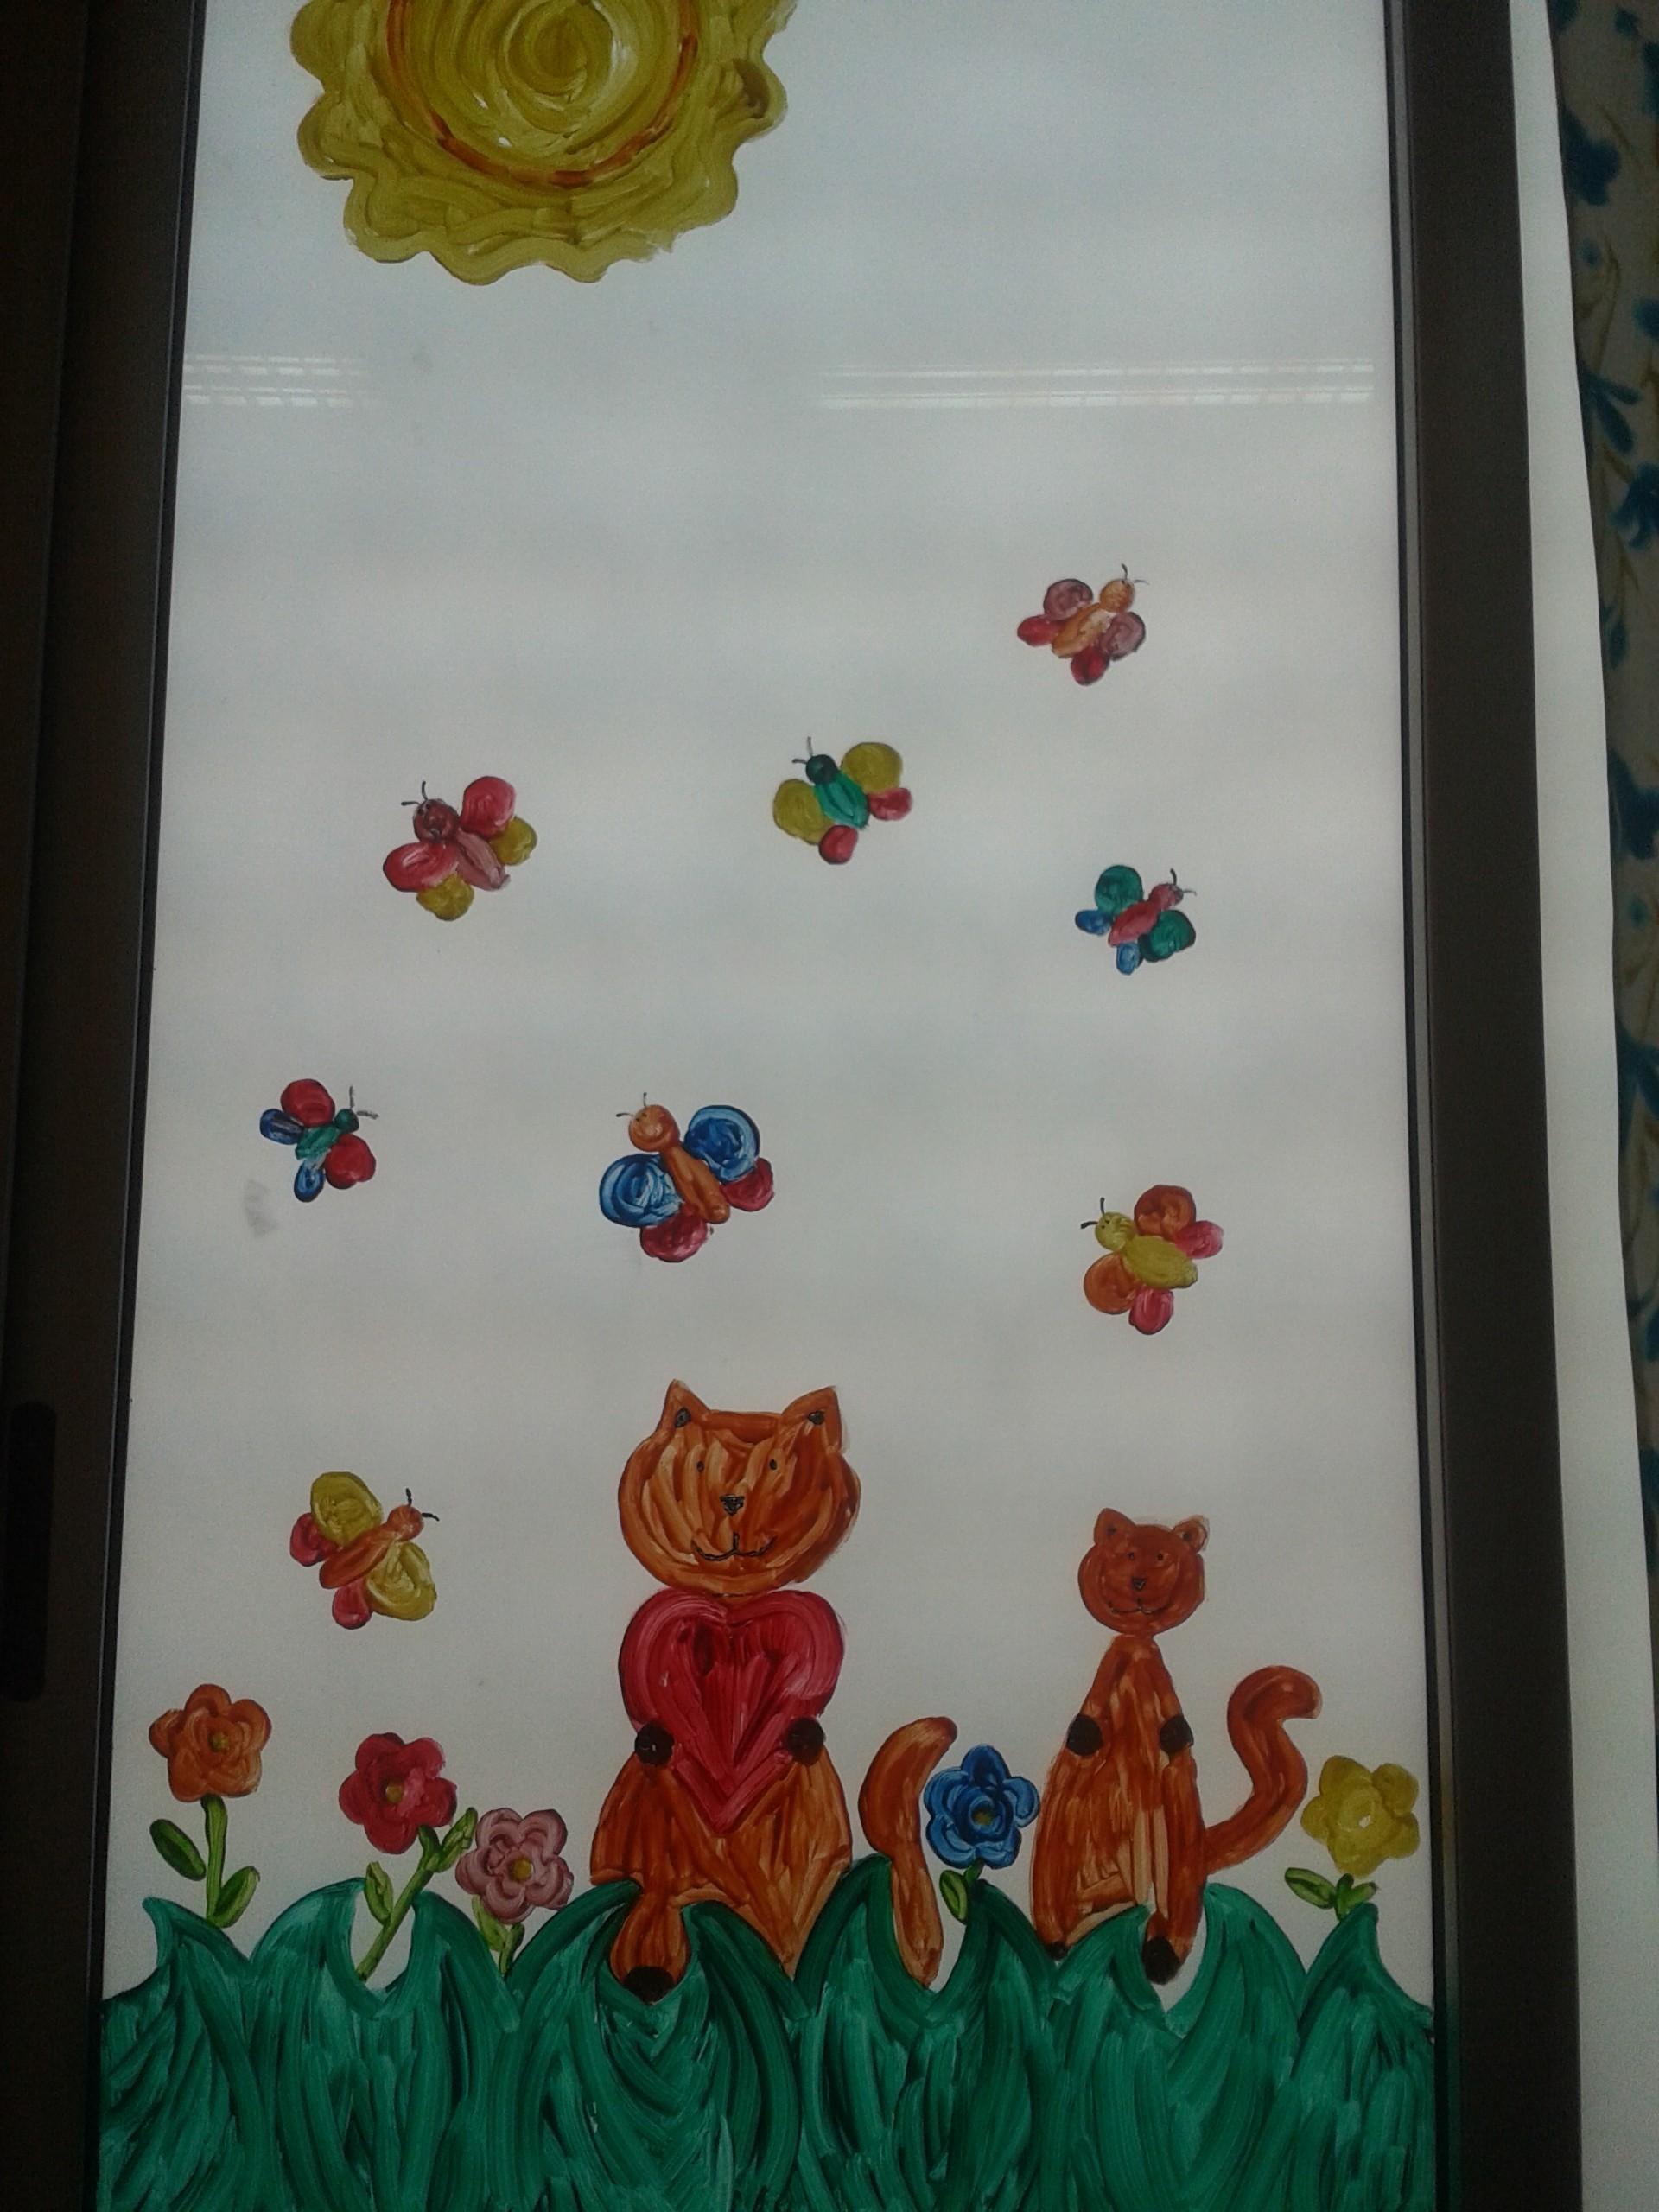 Addobbi primaverili 1 e1395645510199 maestramaria - Decorazioni primaverili per finestre ...